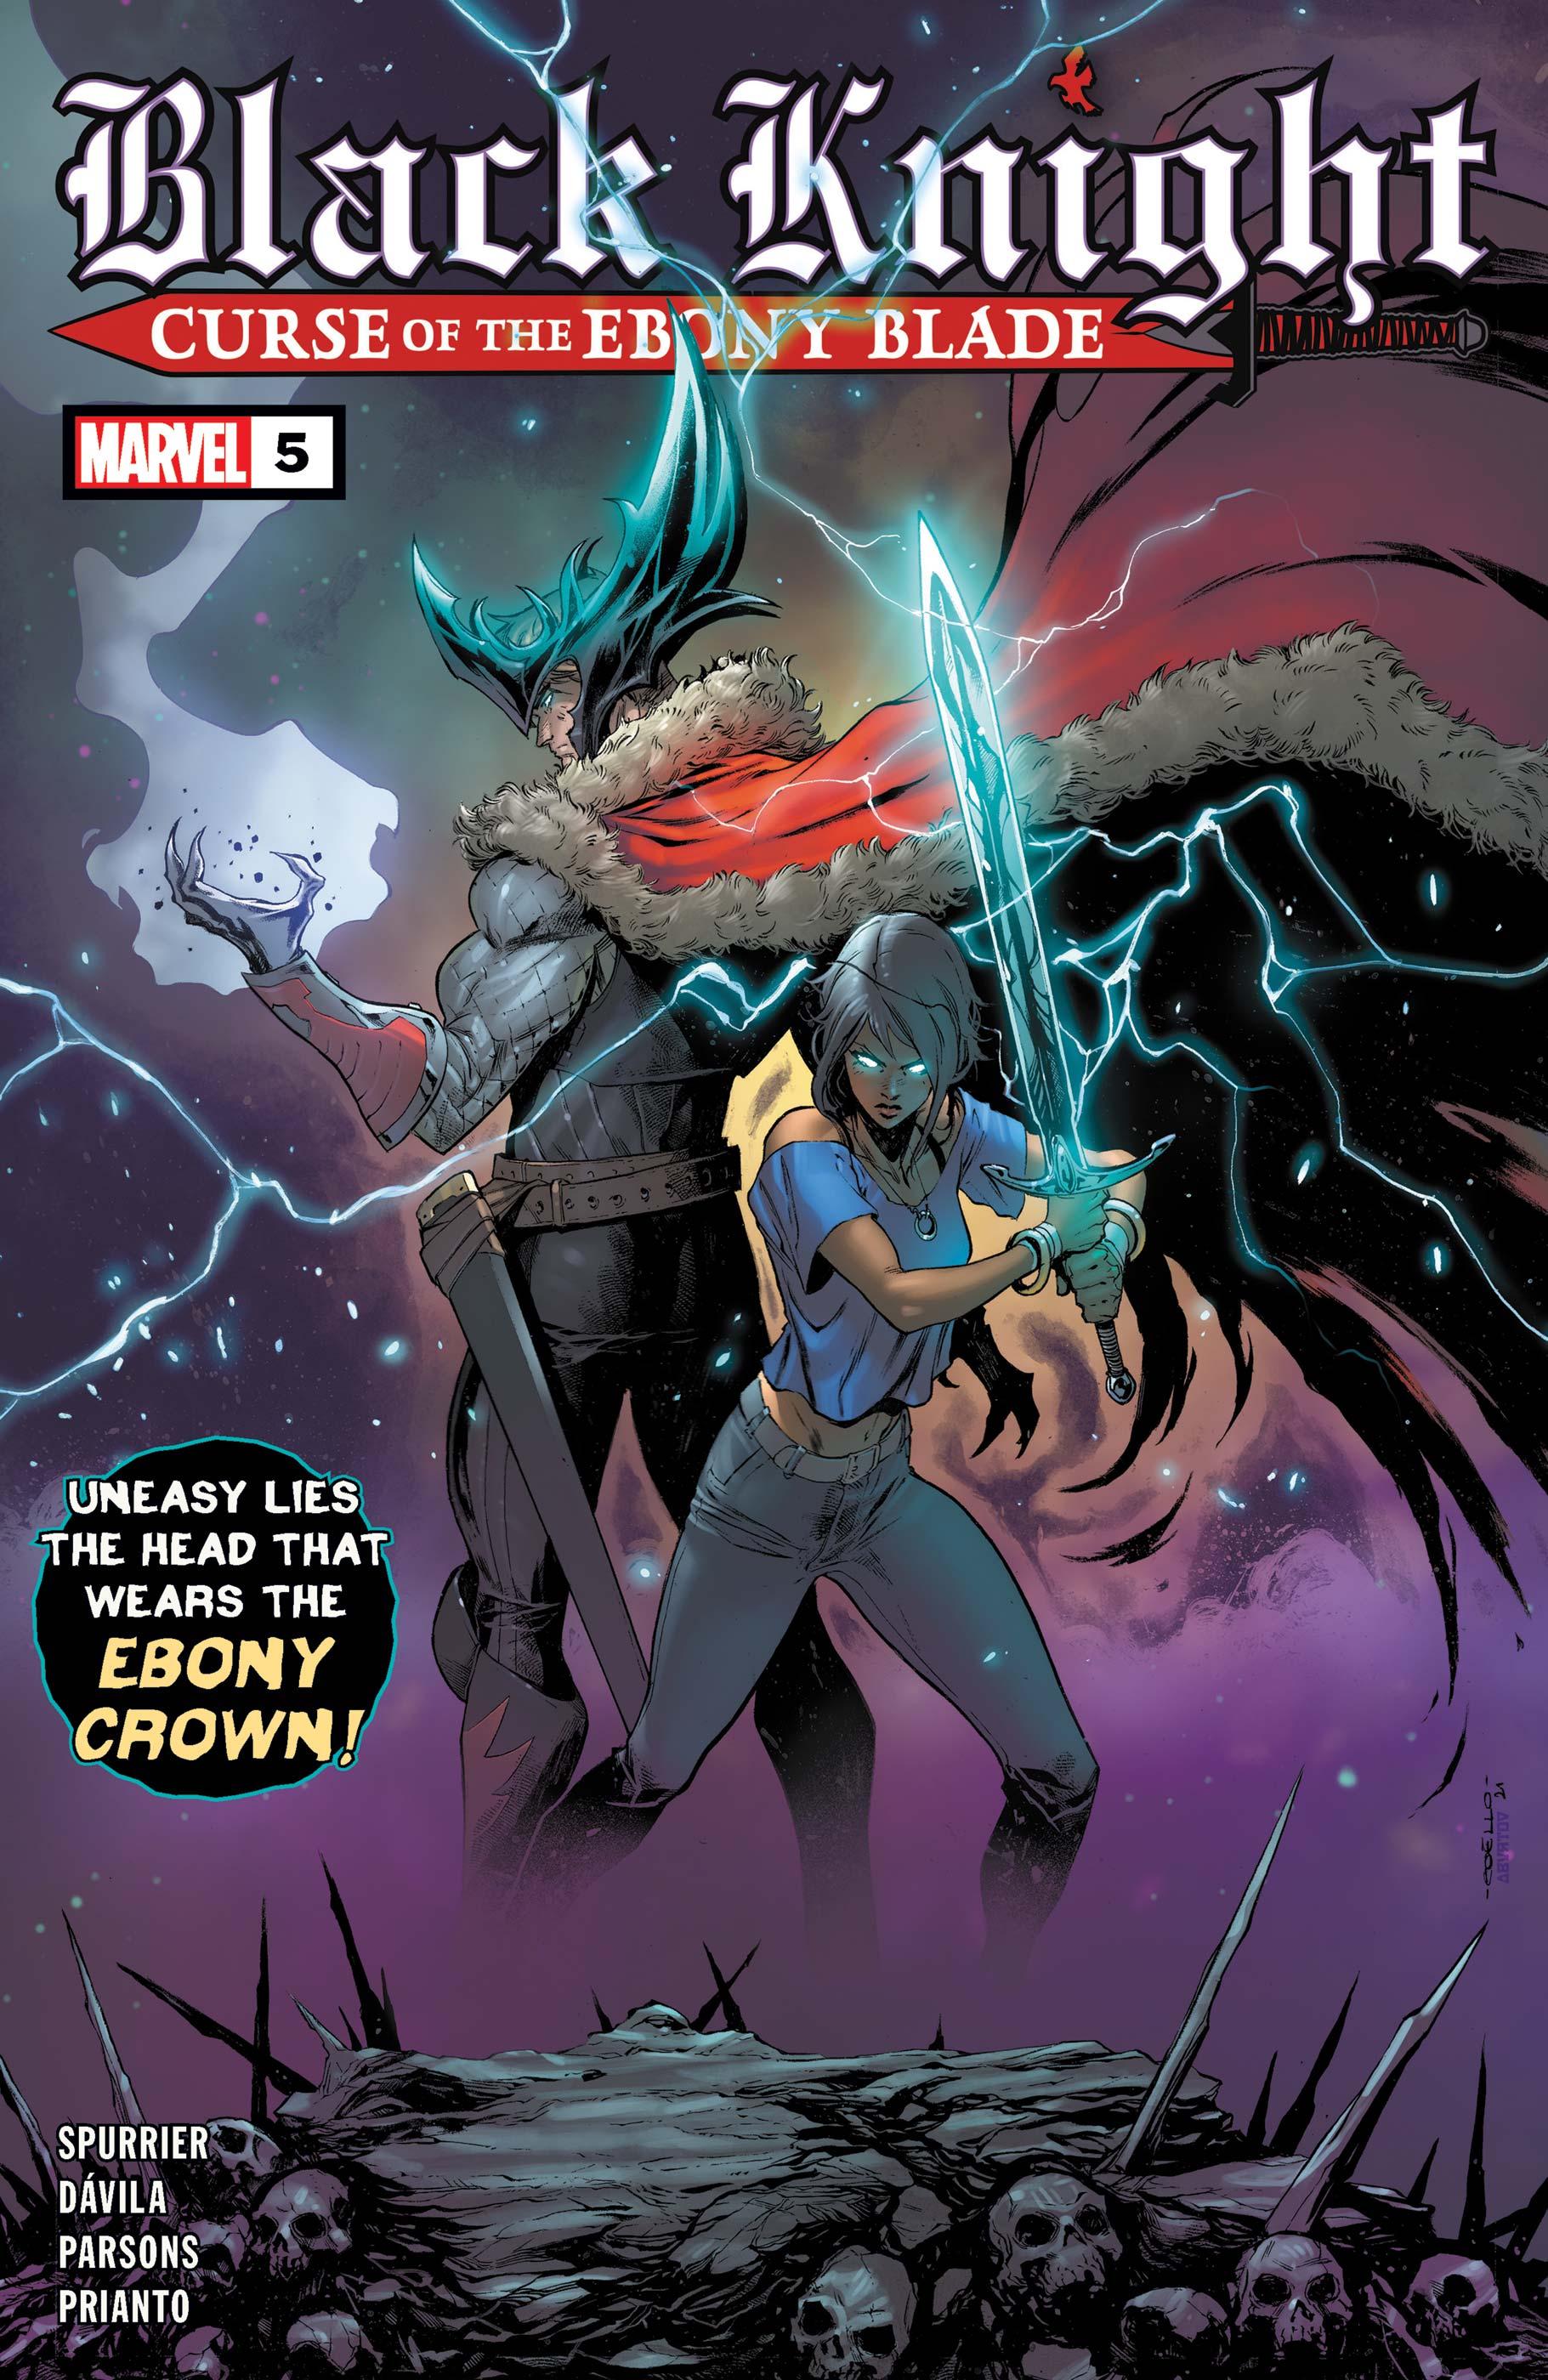 Black Knight: Curse of the Ebony Blade (2021) #5